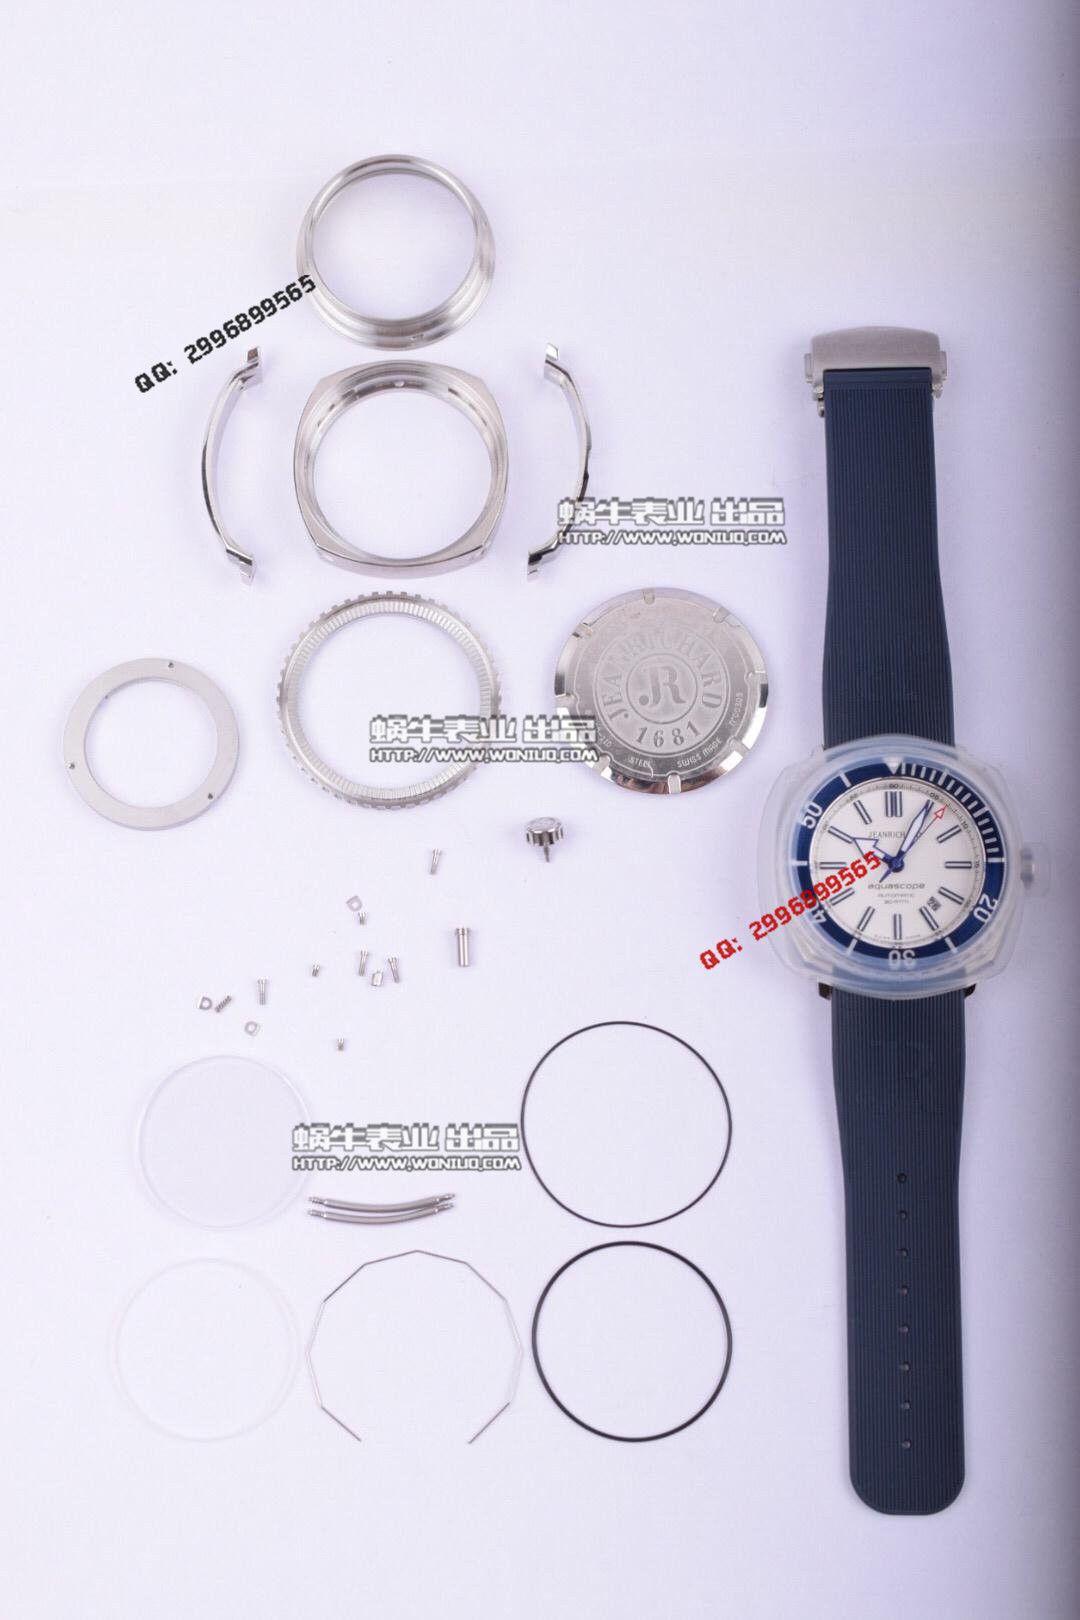 【实拍图鉴赏】超A精仿手表之尚维沙 Aquascope系列 60400-11D401-FK4A腕表 / JC01